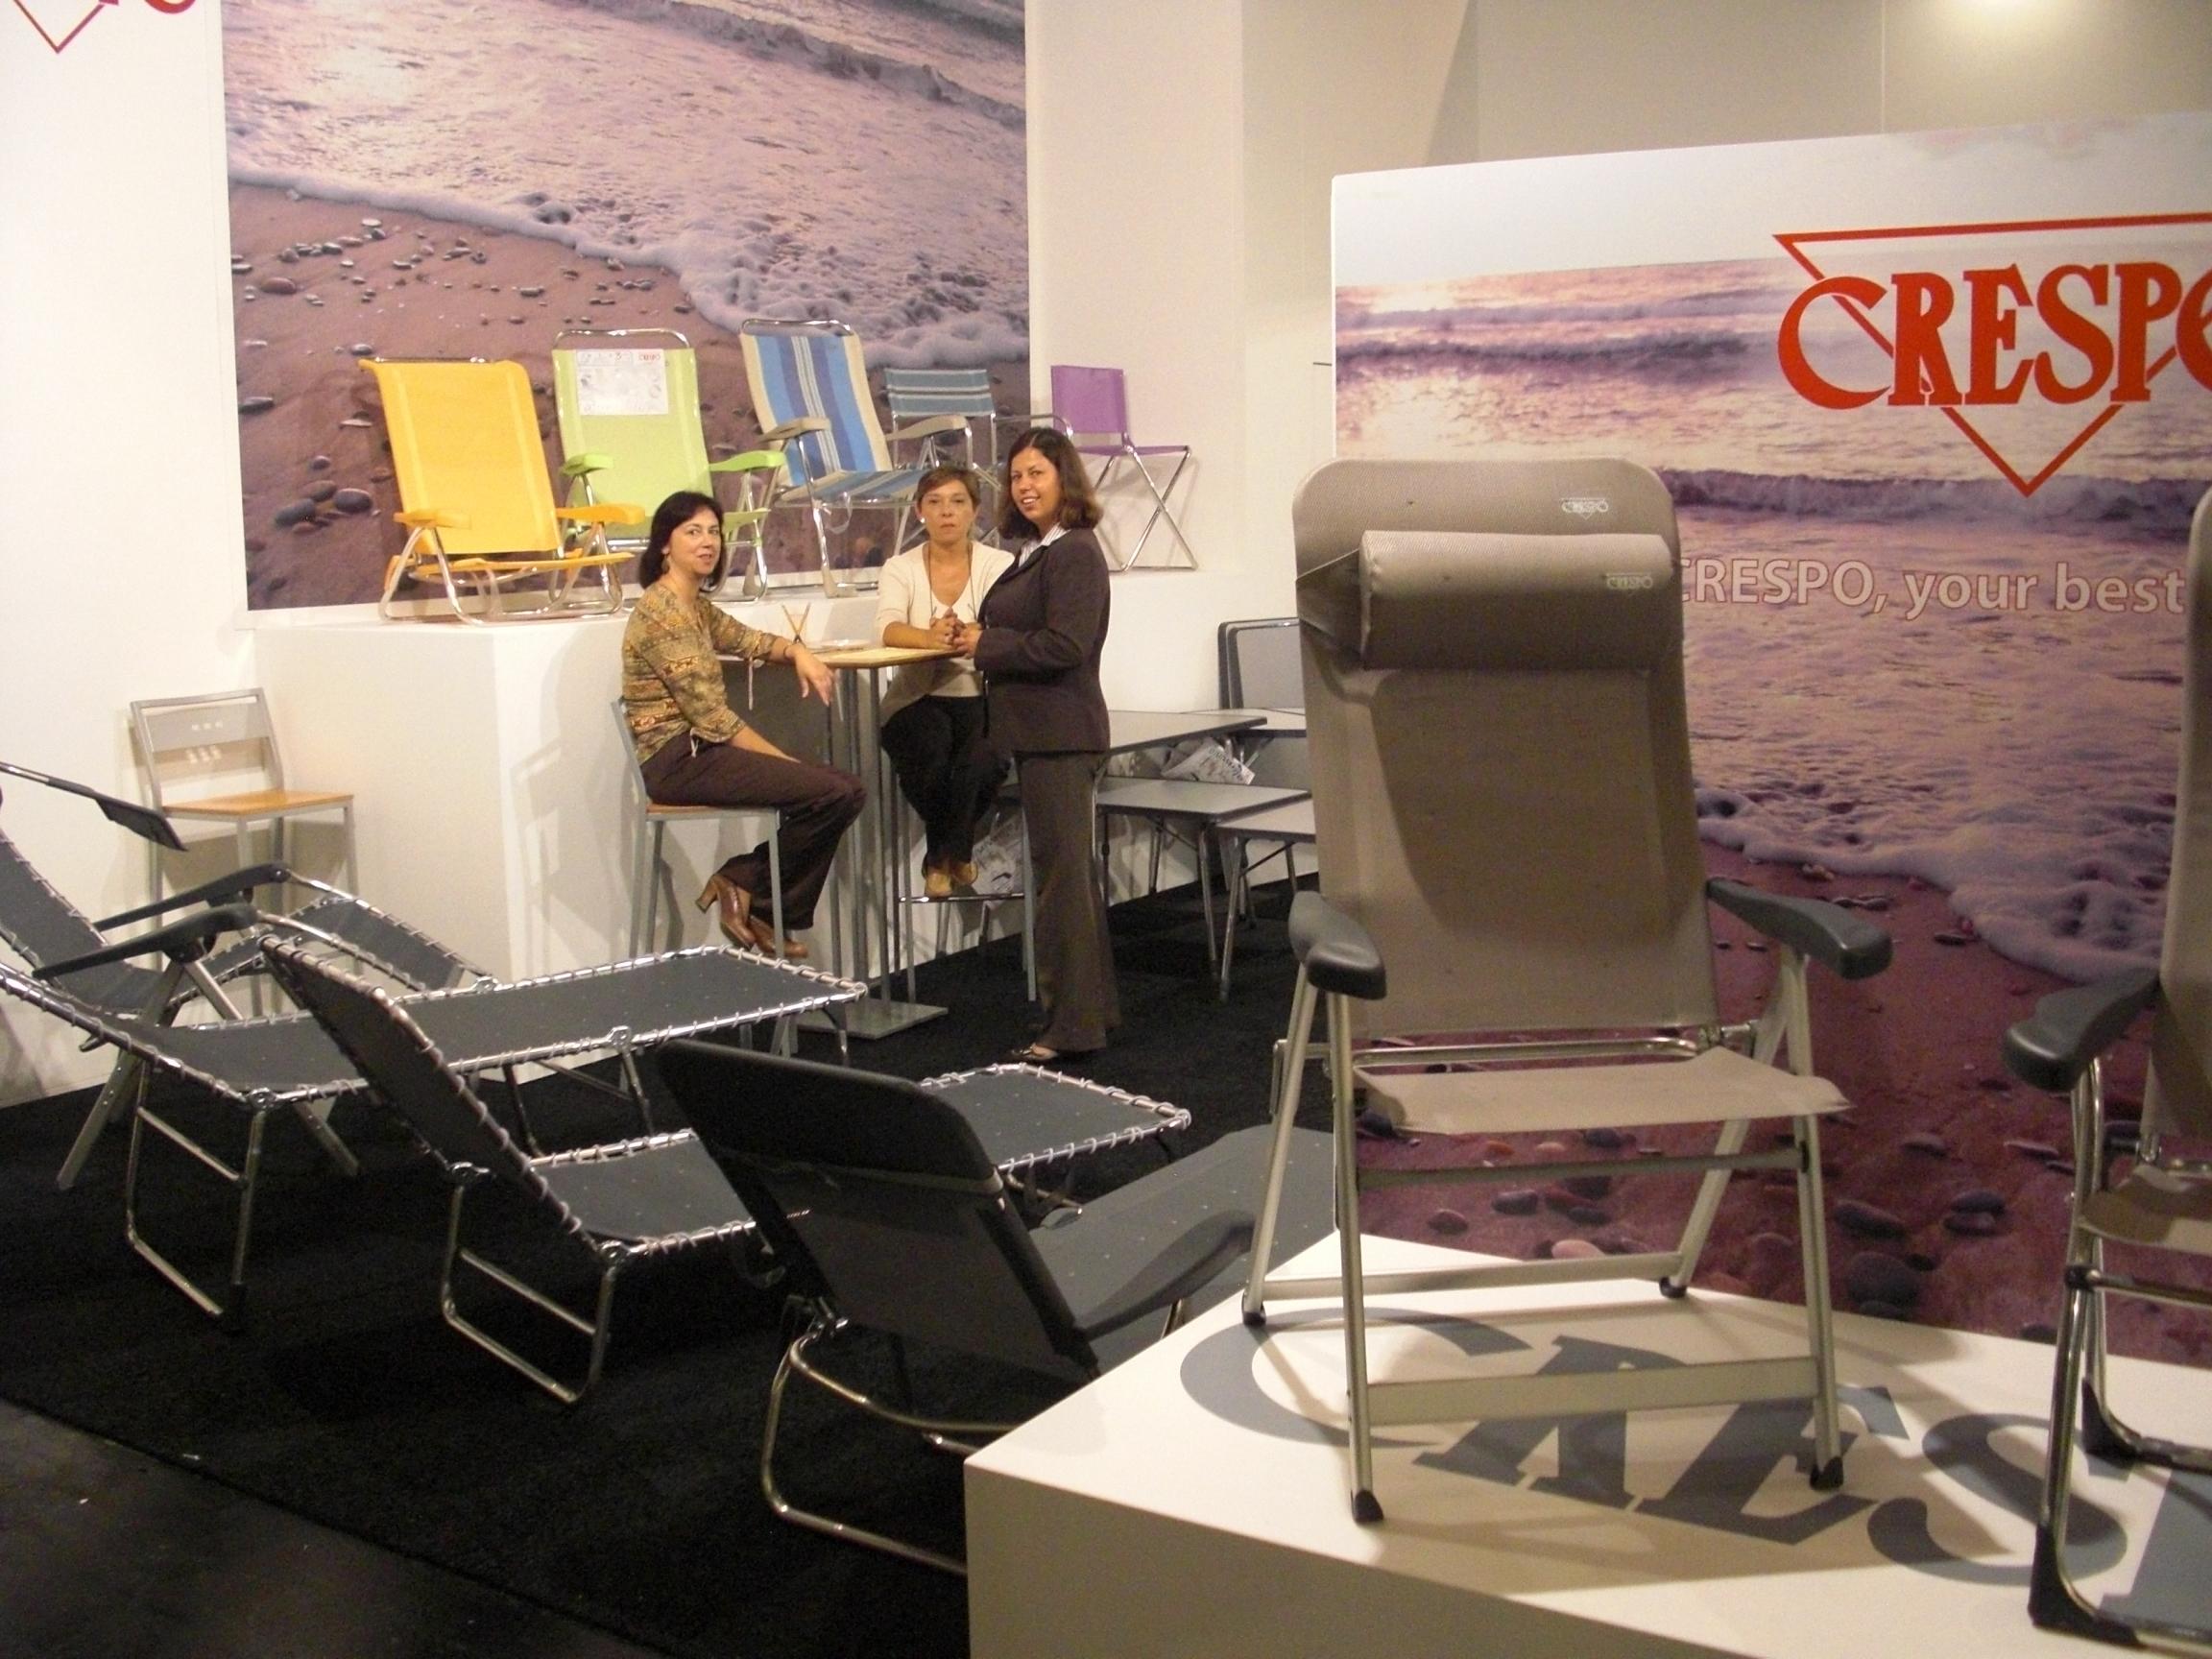 Spoga 2010 un gran reto el blog de crespo - Indual mobiliario ...